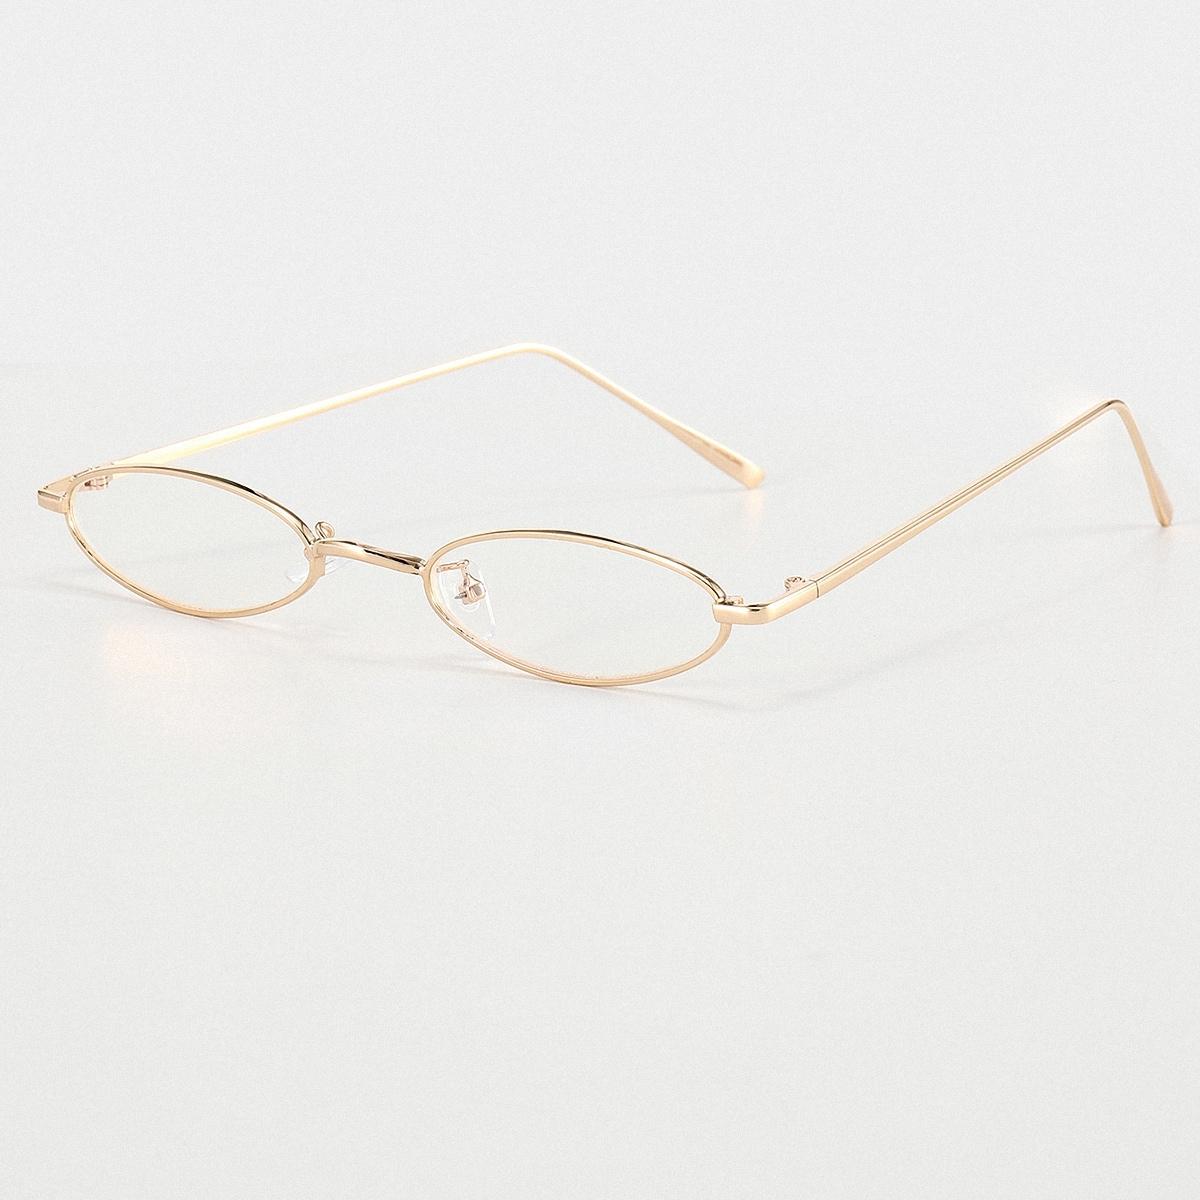 shein Kacamata Bingkai Logam Oval Pria